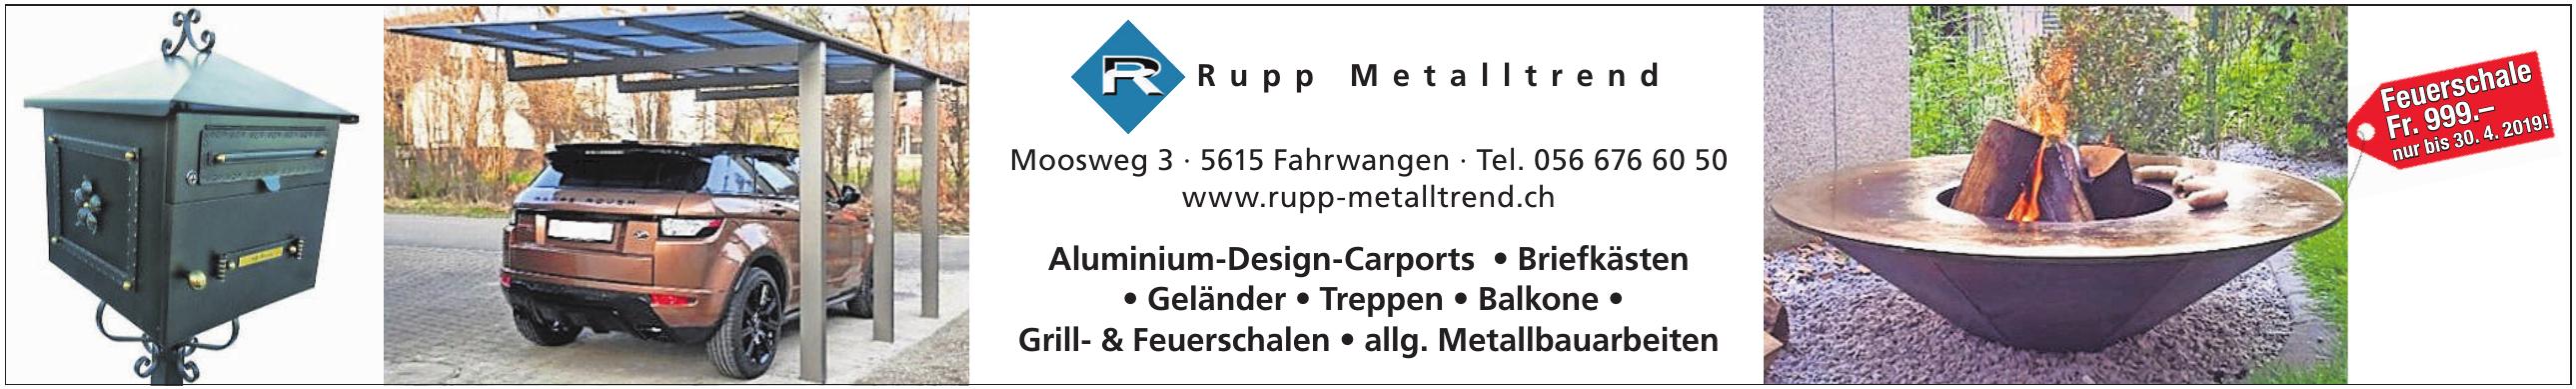 Rupp Metalltrend